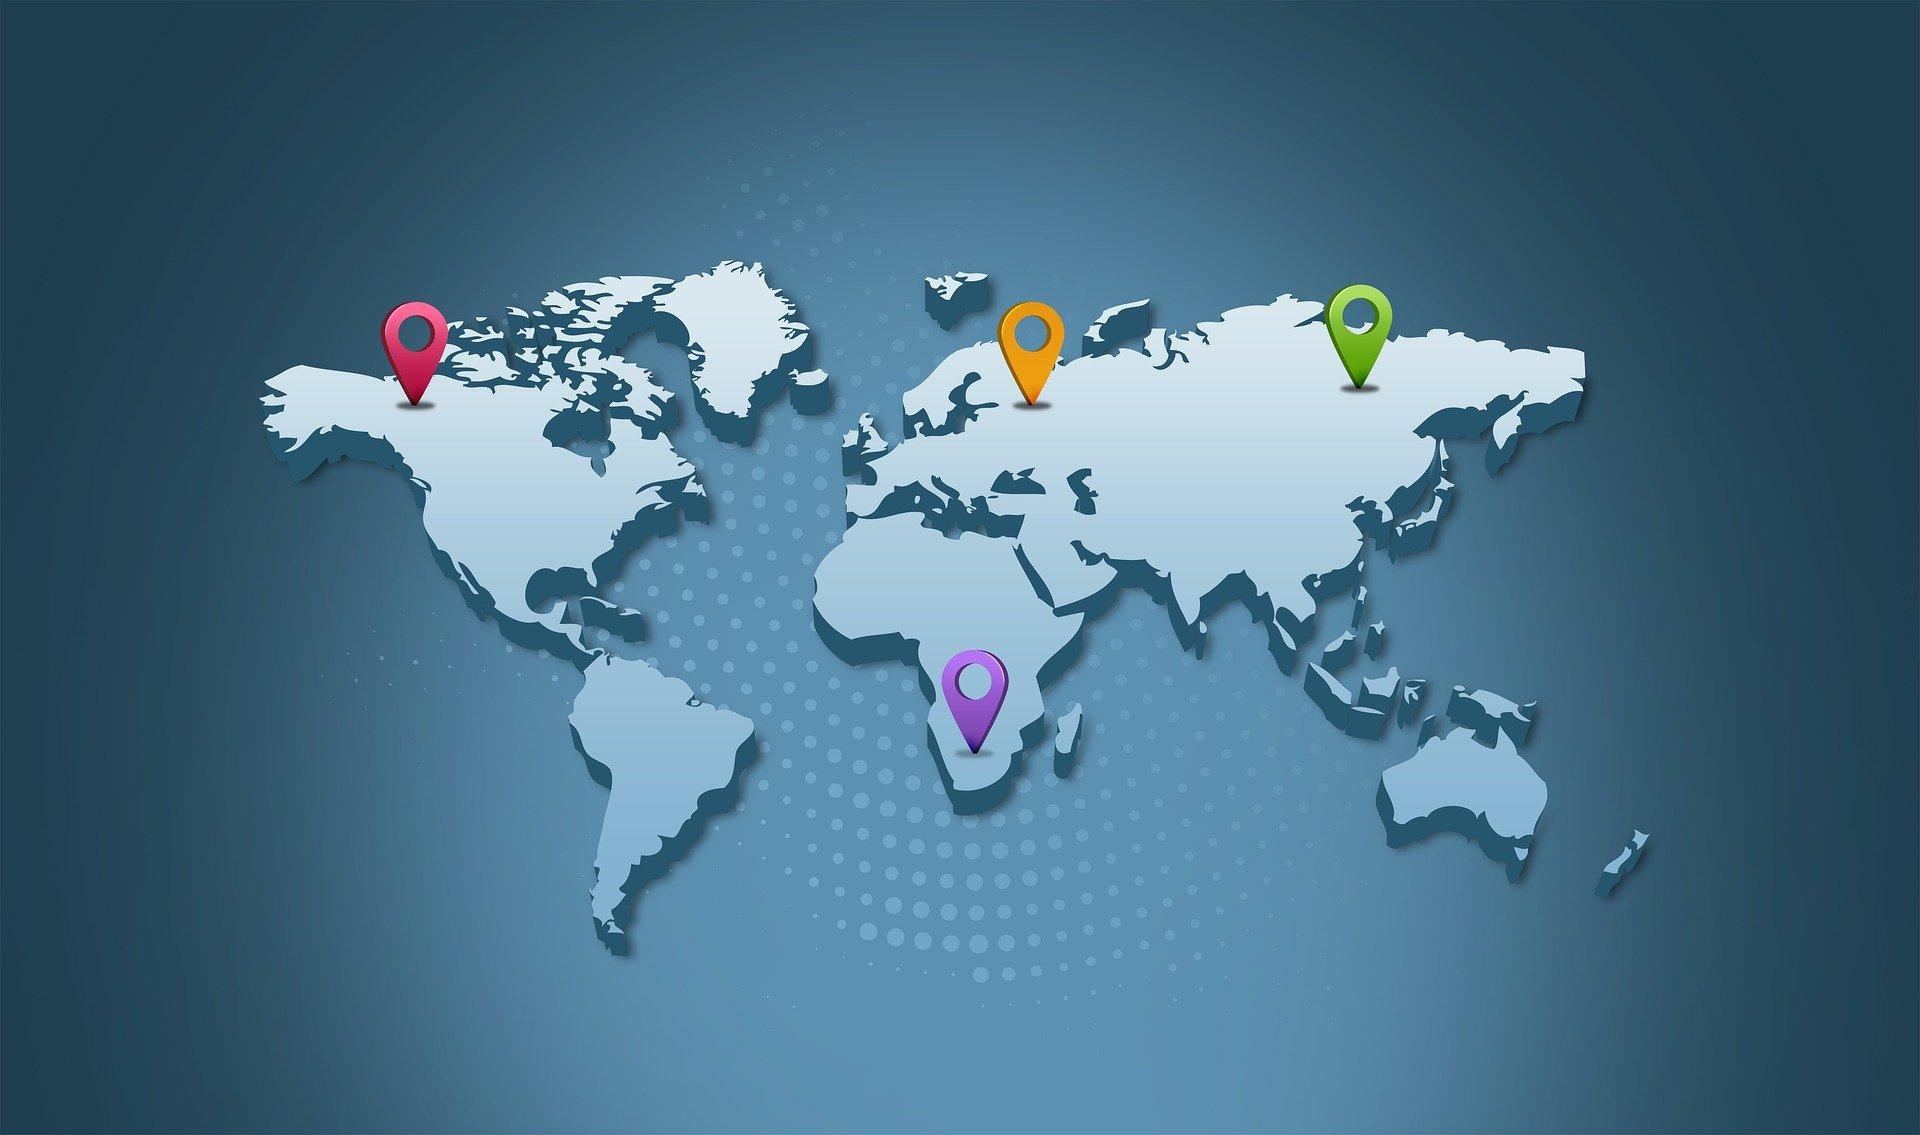 Con SITUM puedes obtener la ubicación geográfica real de los trabajadores dentro de la empresa.